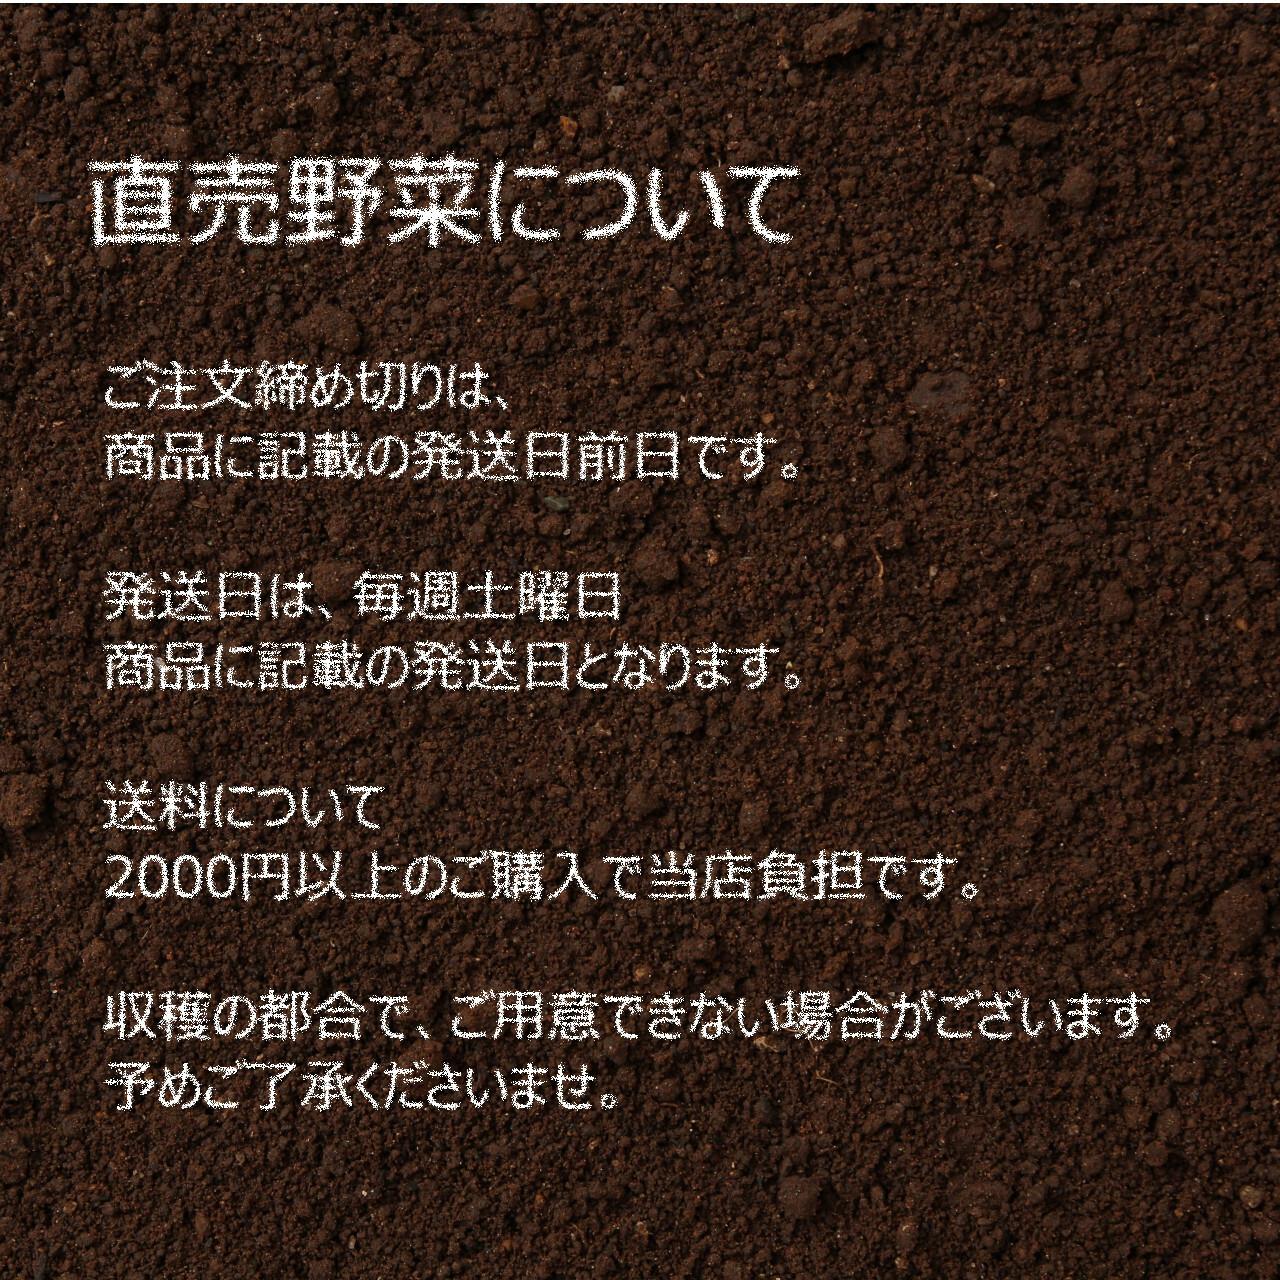 10月の朝採り直売野菜 : インゲン 約150g 新鮮な秋野菜  10月17日発送予定